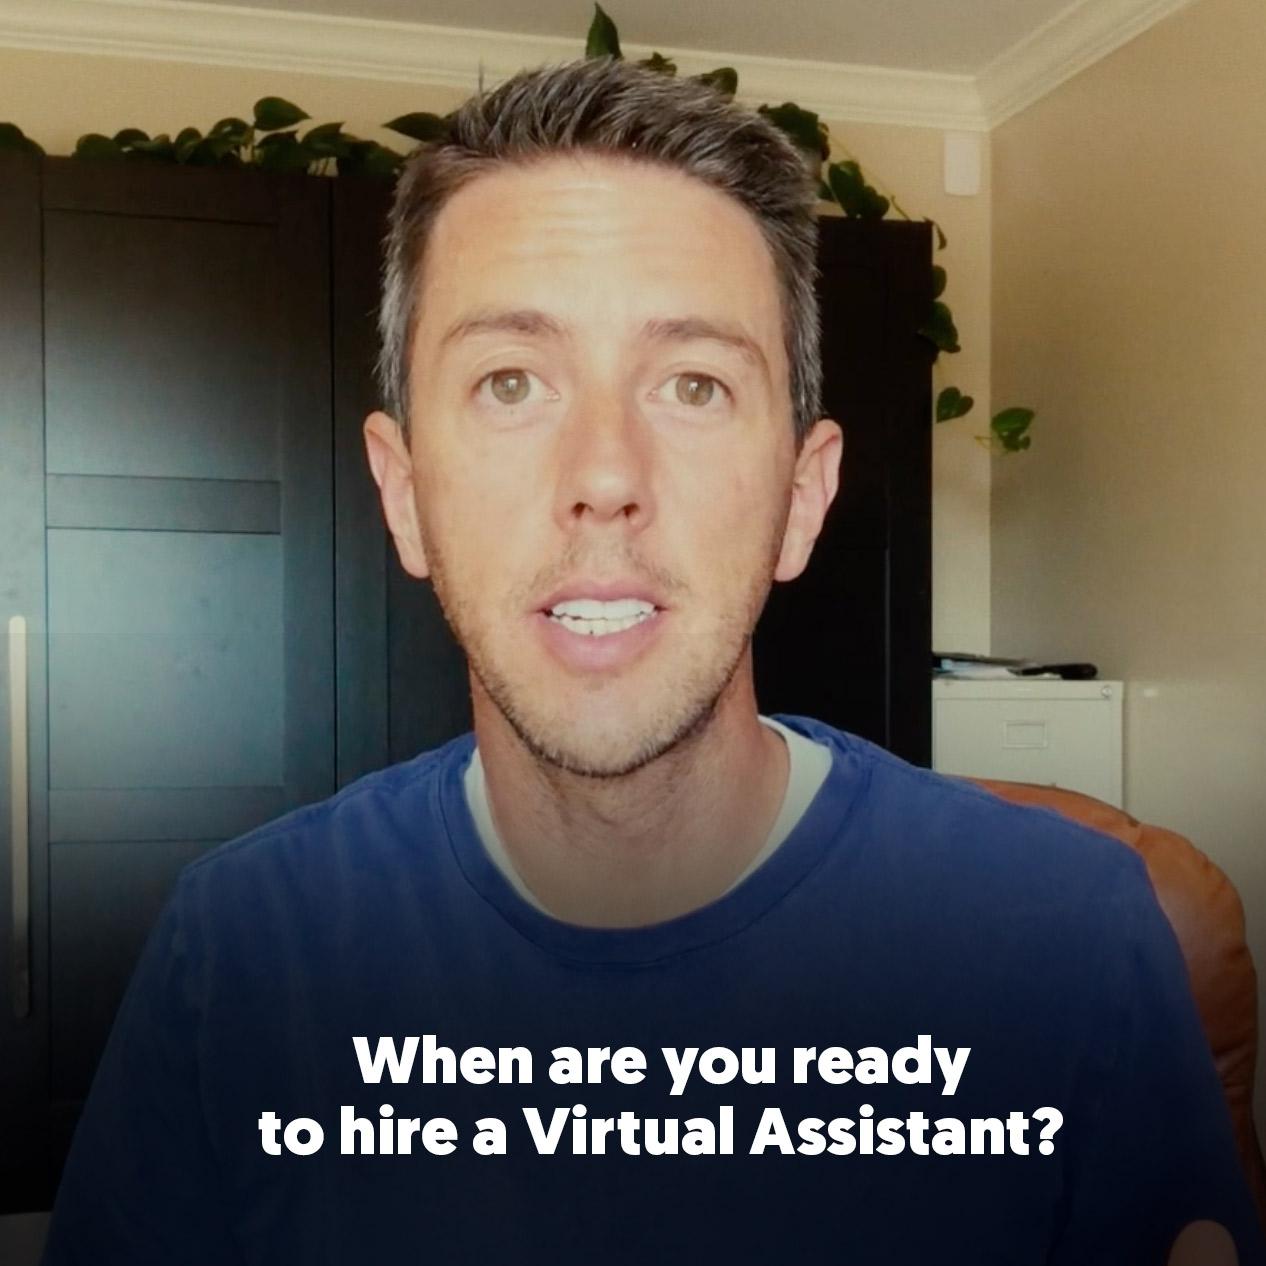 When-are-you-ready-VA